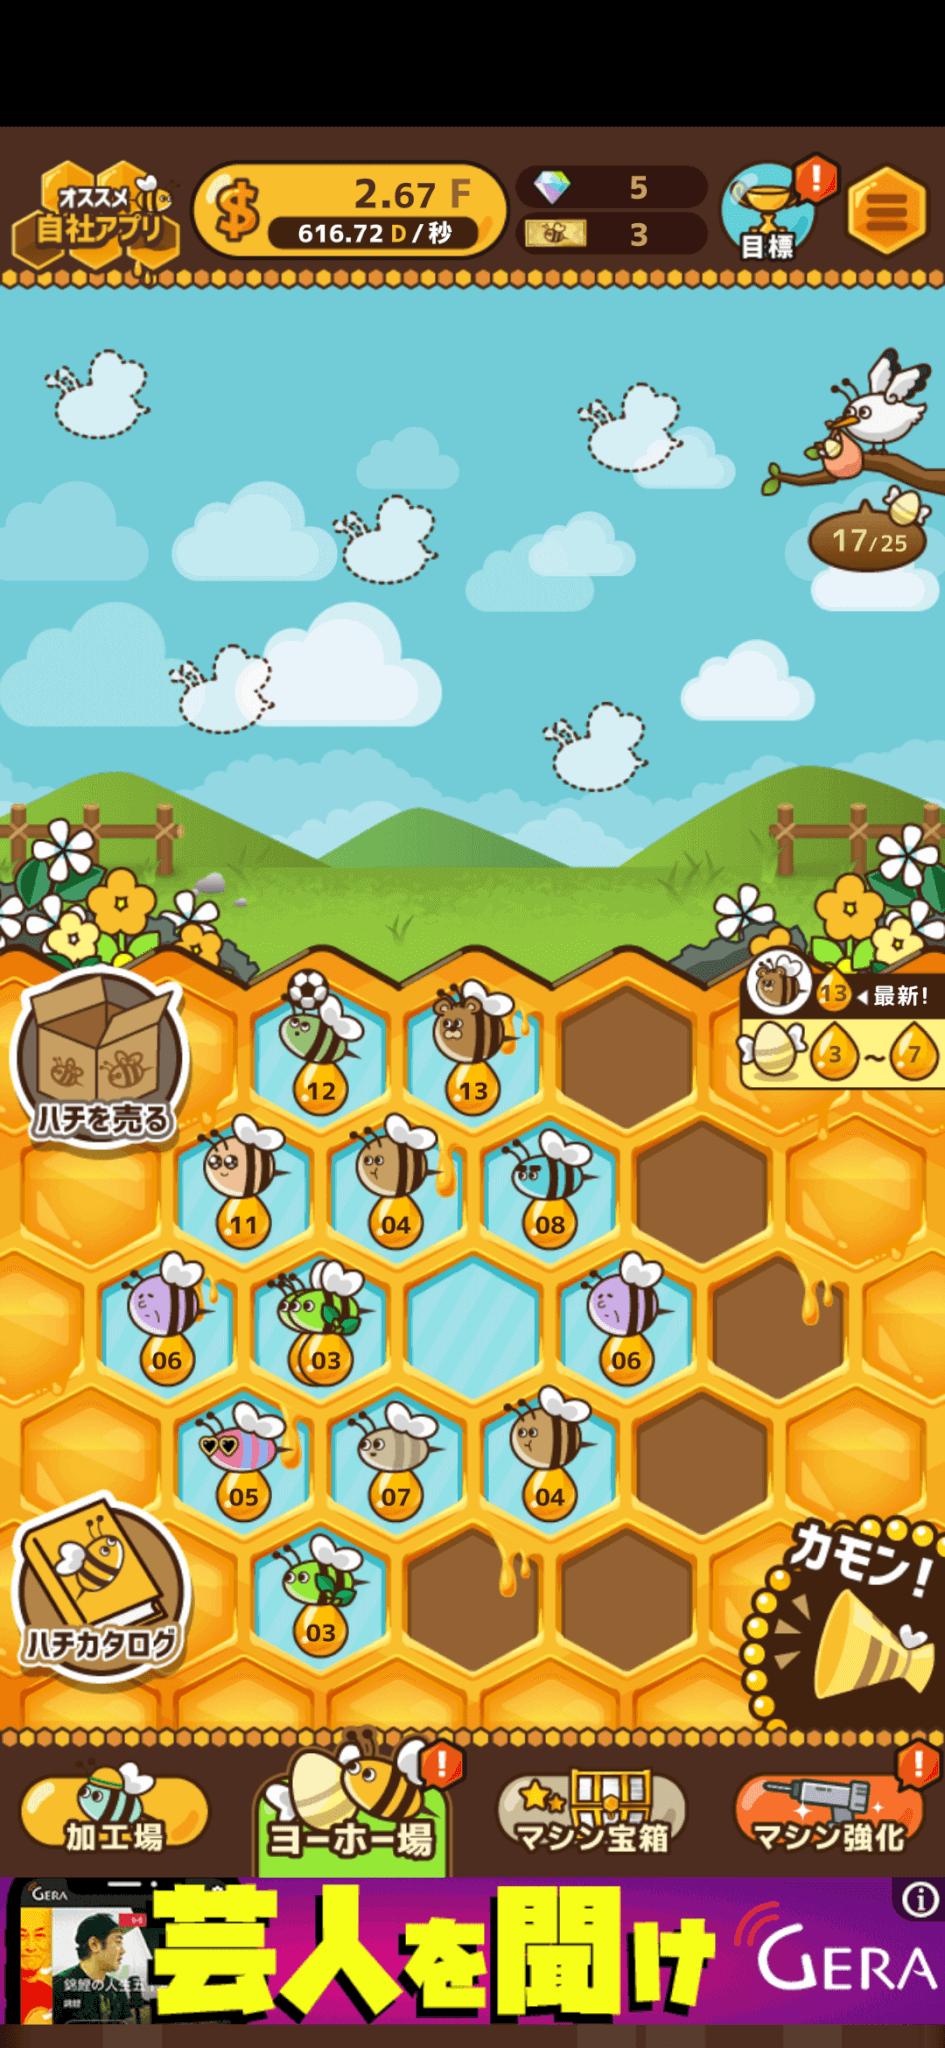 上位ランクのハチを生成